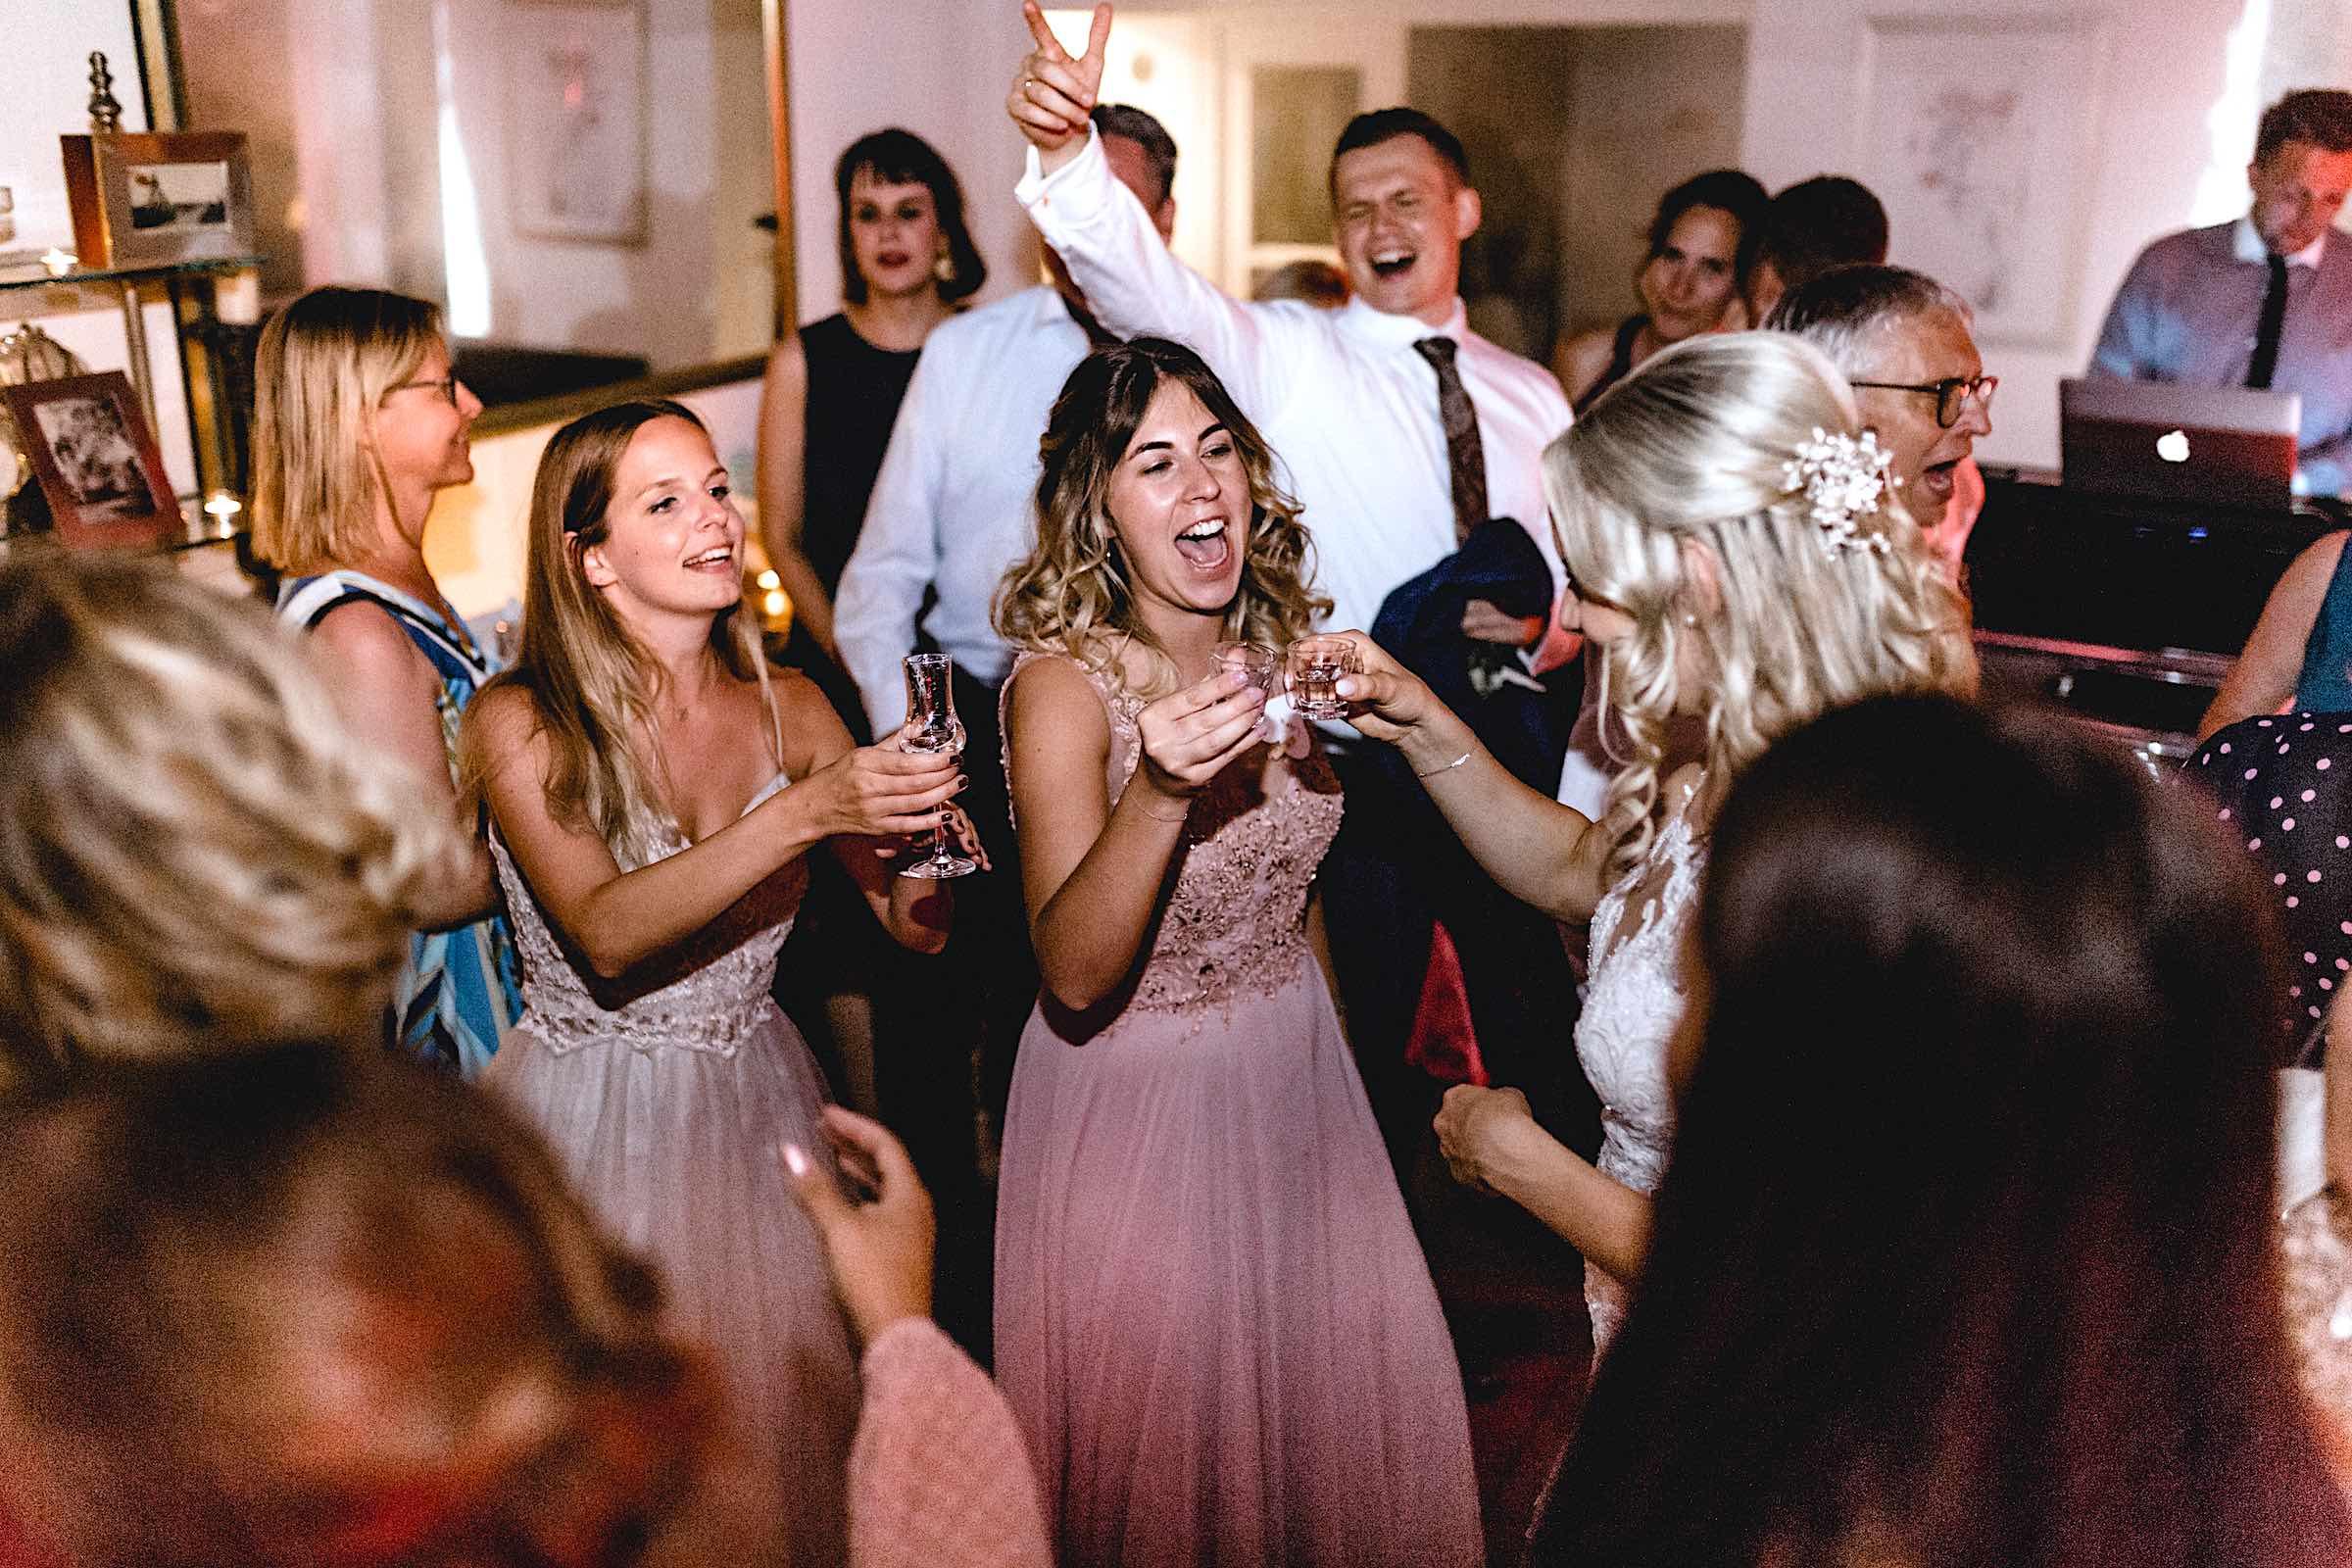 Dj | Hamburg | Hochzeit | DJ | Buchen | DJ | Geburtstag | DJ | Betriebsfeier | DJ | Buchen | Discjockey | Mieten | DJ | Agentur | DJ | Timm | Hamburgfeiert